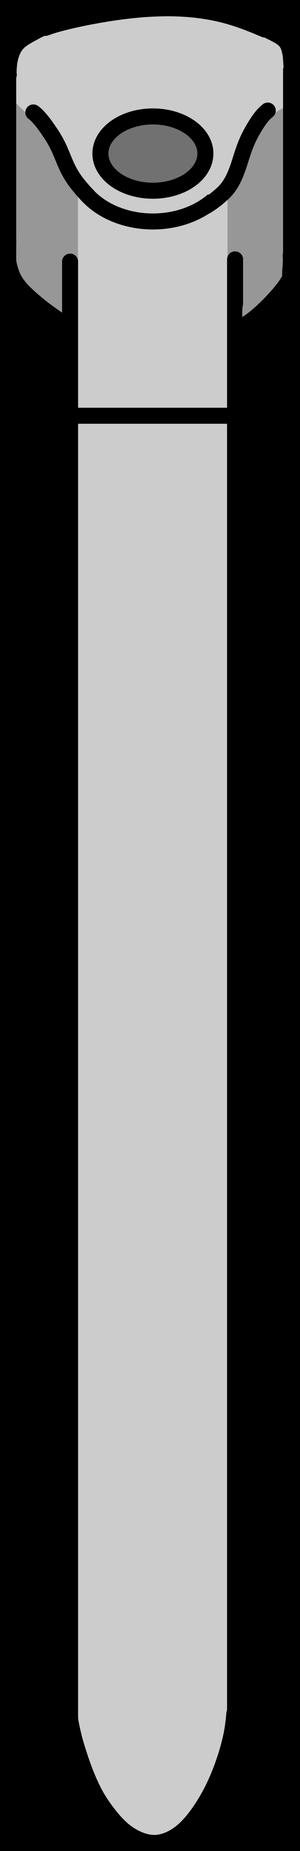 イラストフリー素材 ハンドルステム